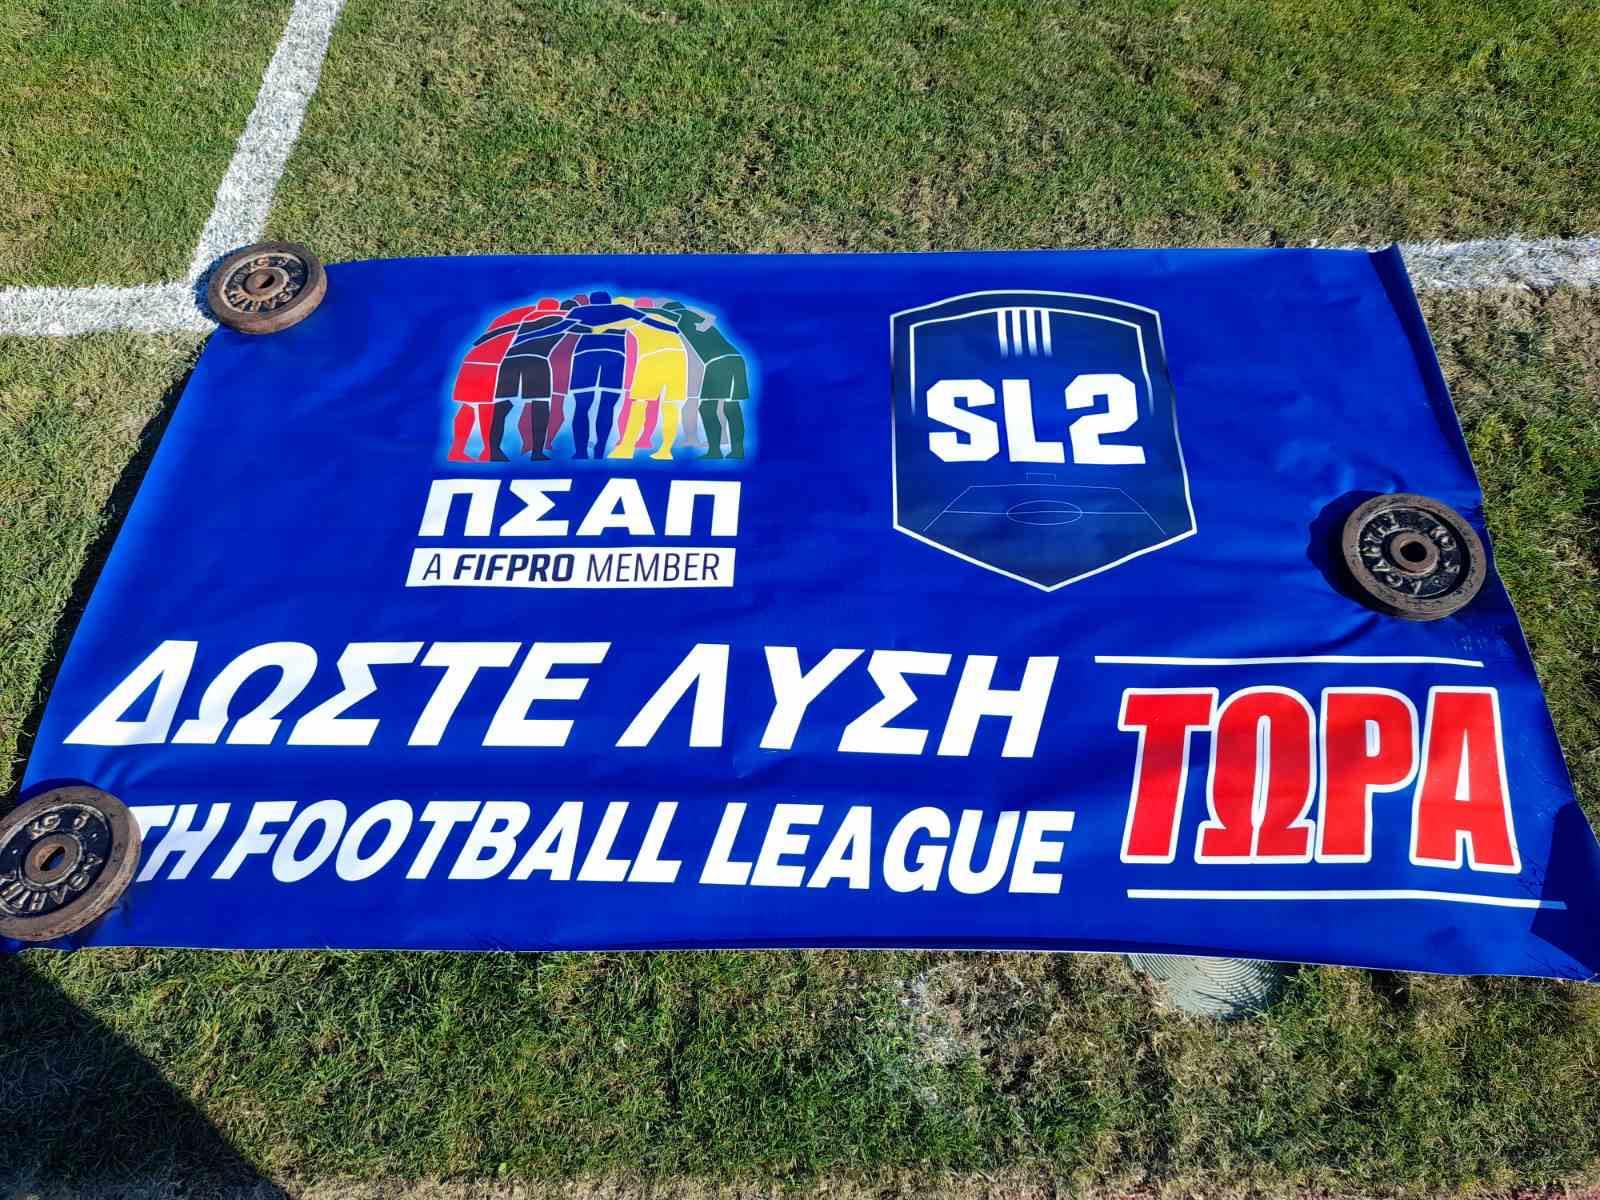 Super League 2 «Δώστε λύση στη Football League τώρα»! (pics)